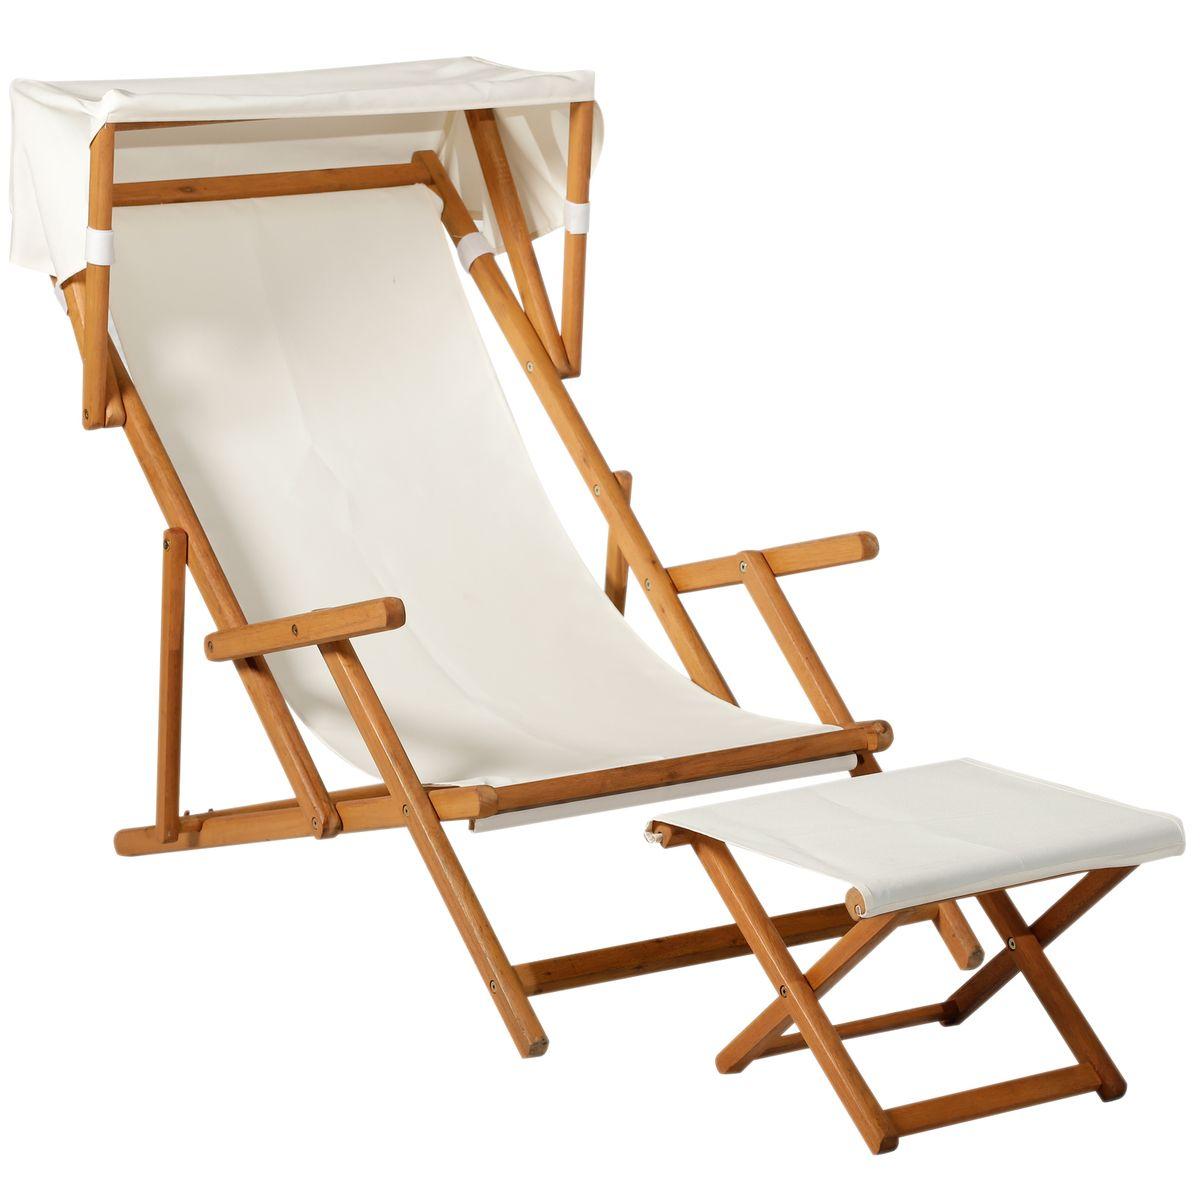 Chilienne Chaise Longue De Jardin Pliable Inclinable Taille Taille Unique Chaise Longue Jardin Chaise Longue Pliable Chaise Longue Bois